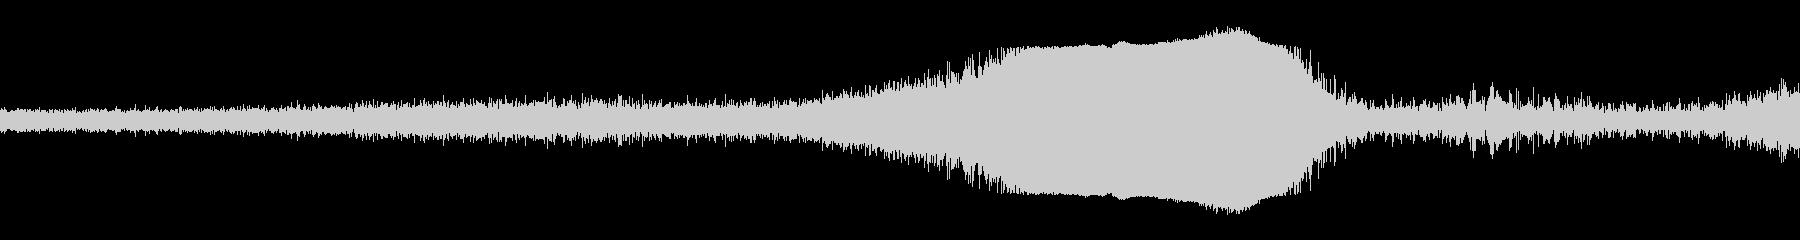 ジェットパスジャンボcの未再生の波形